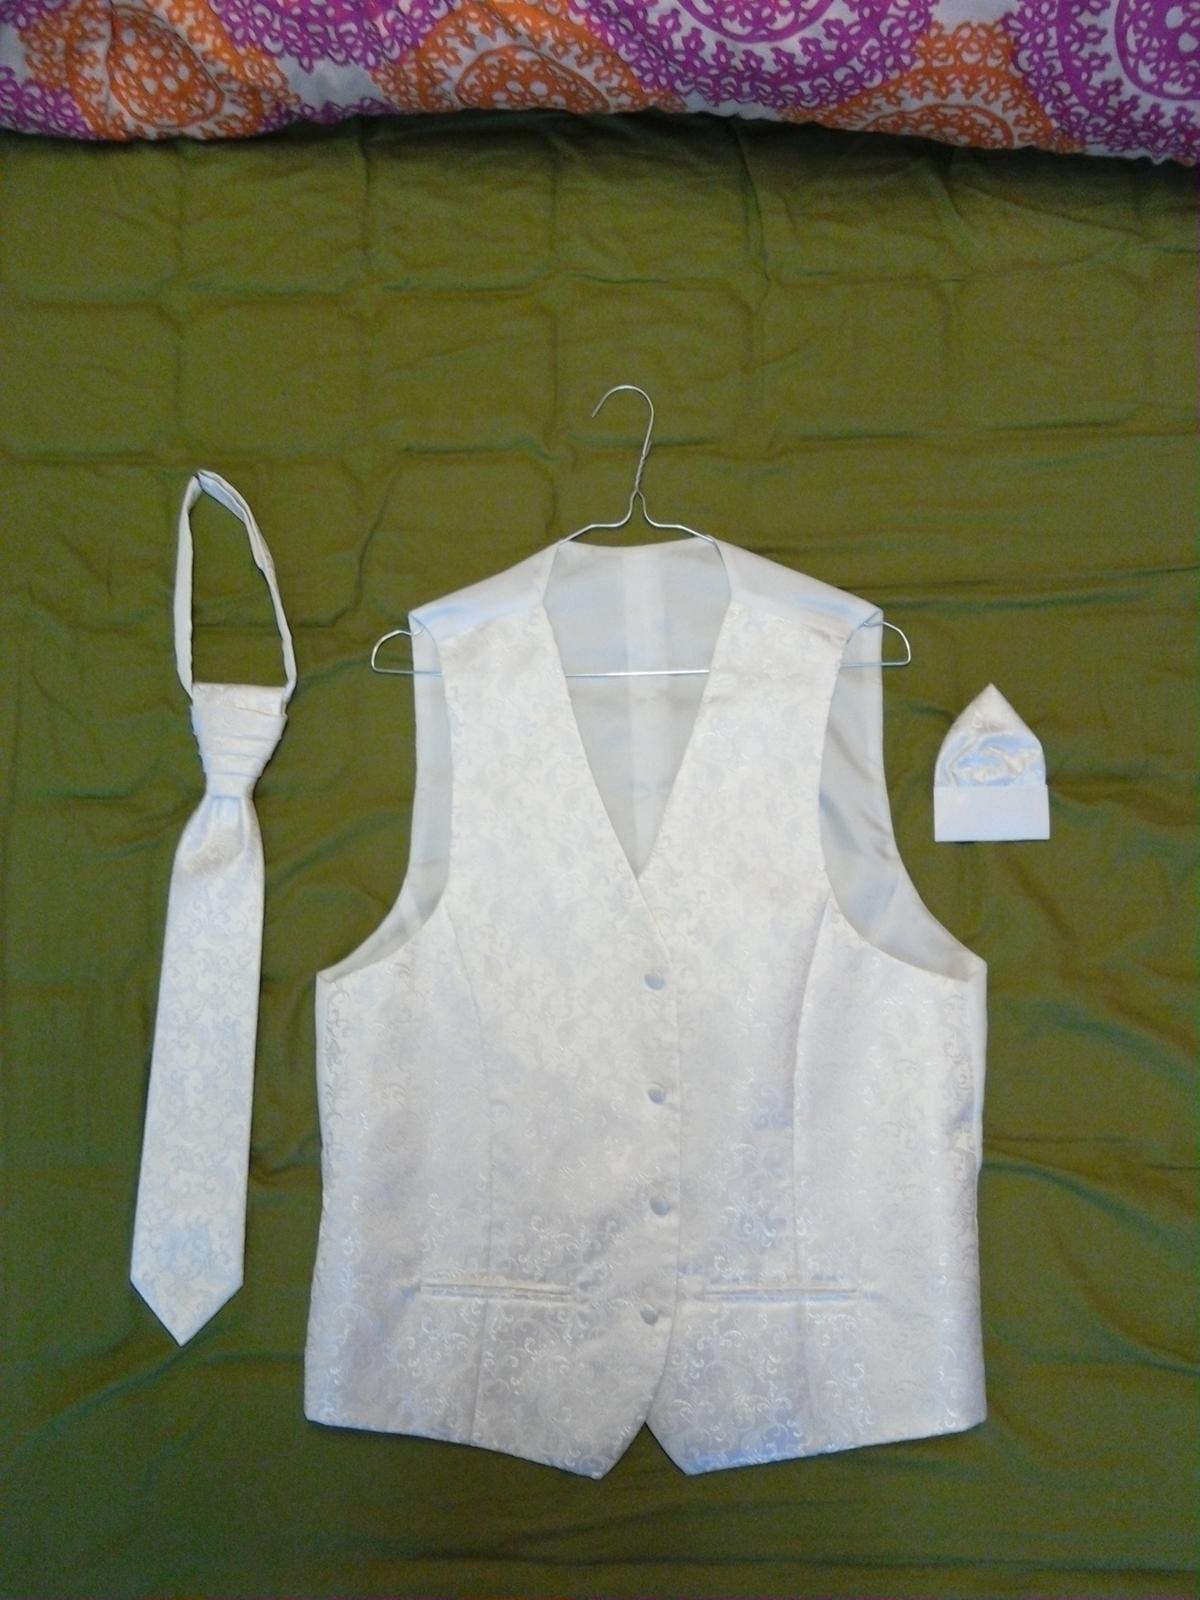 Svadobná vesta + francuzska kravata a vreckovka - Obrázok č. 4